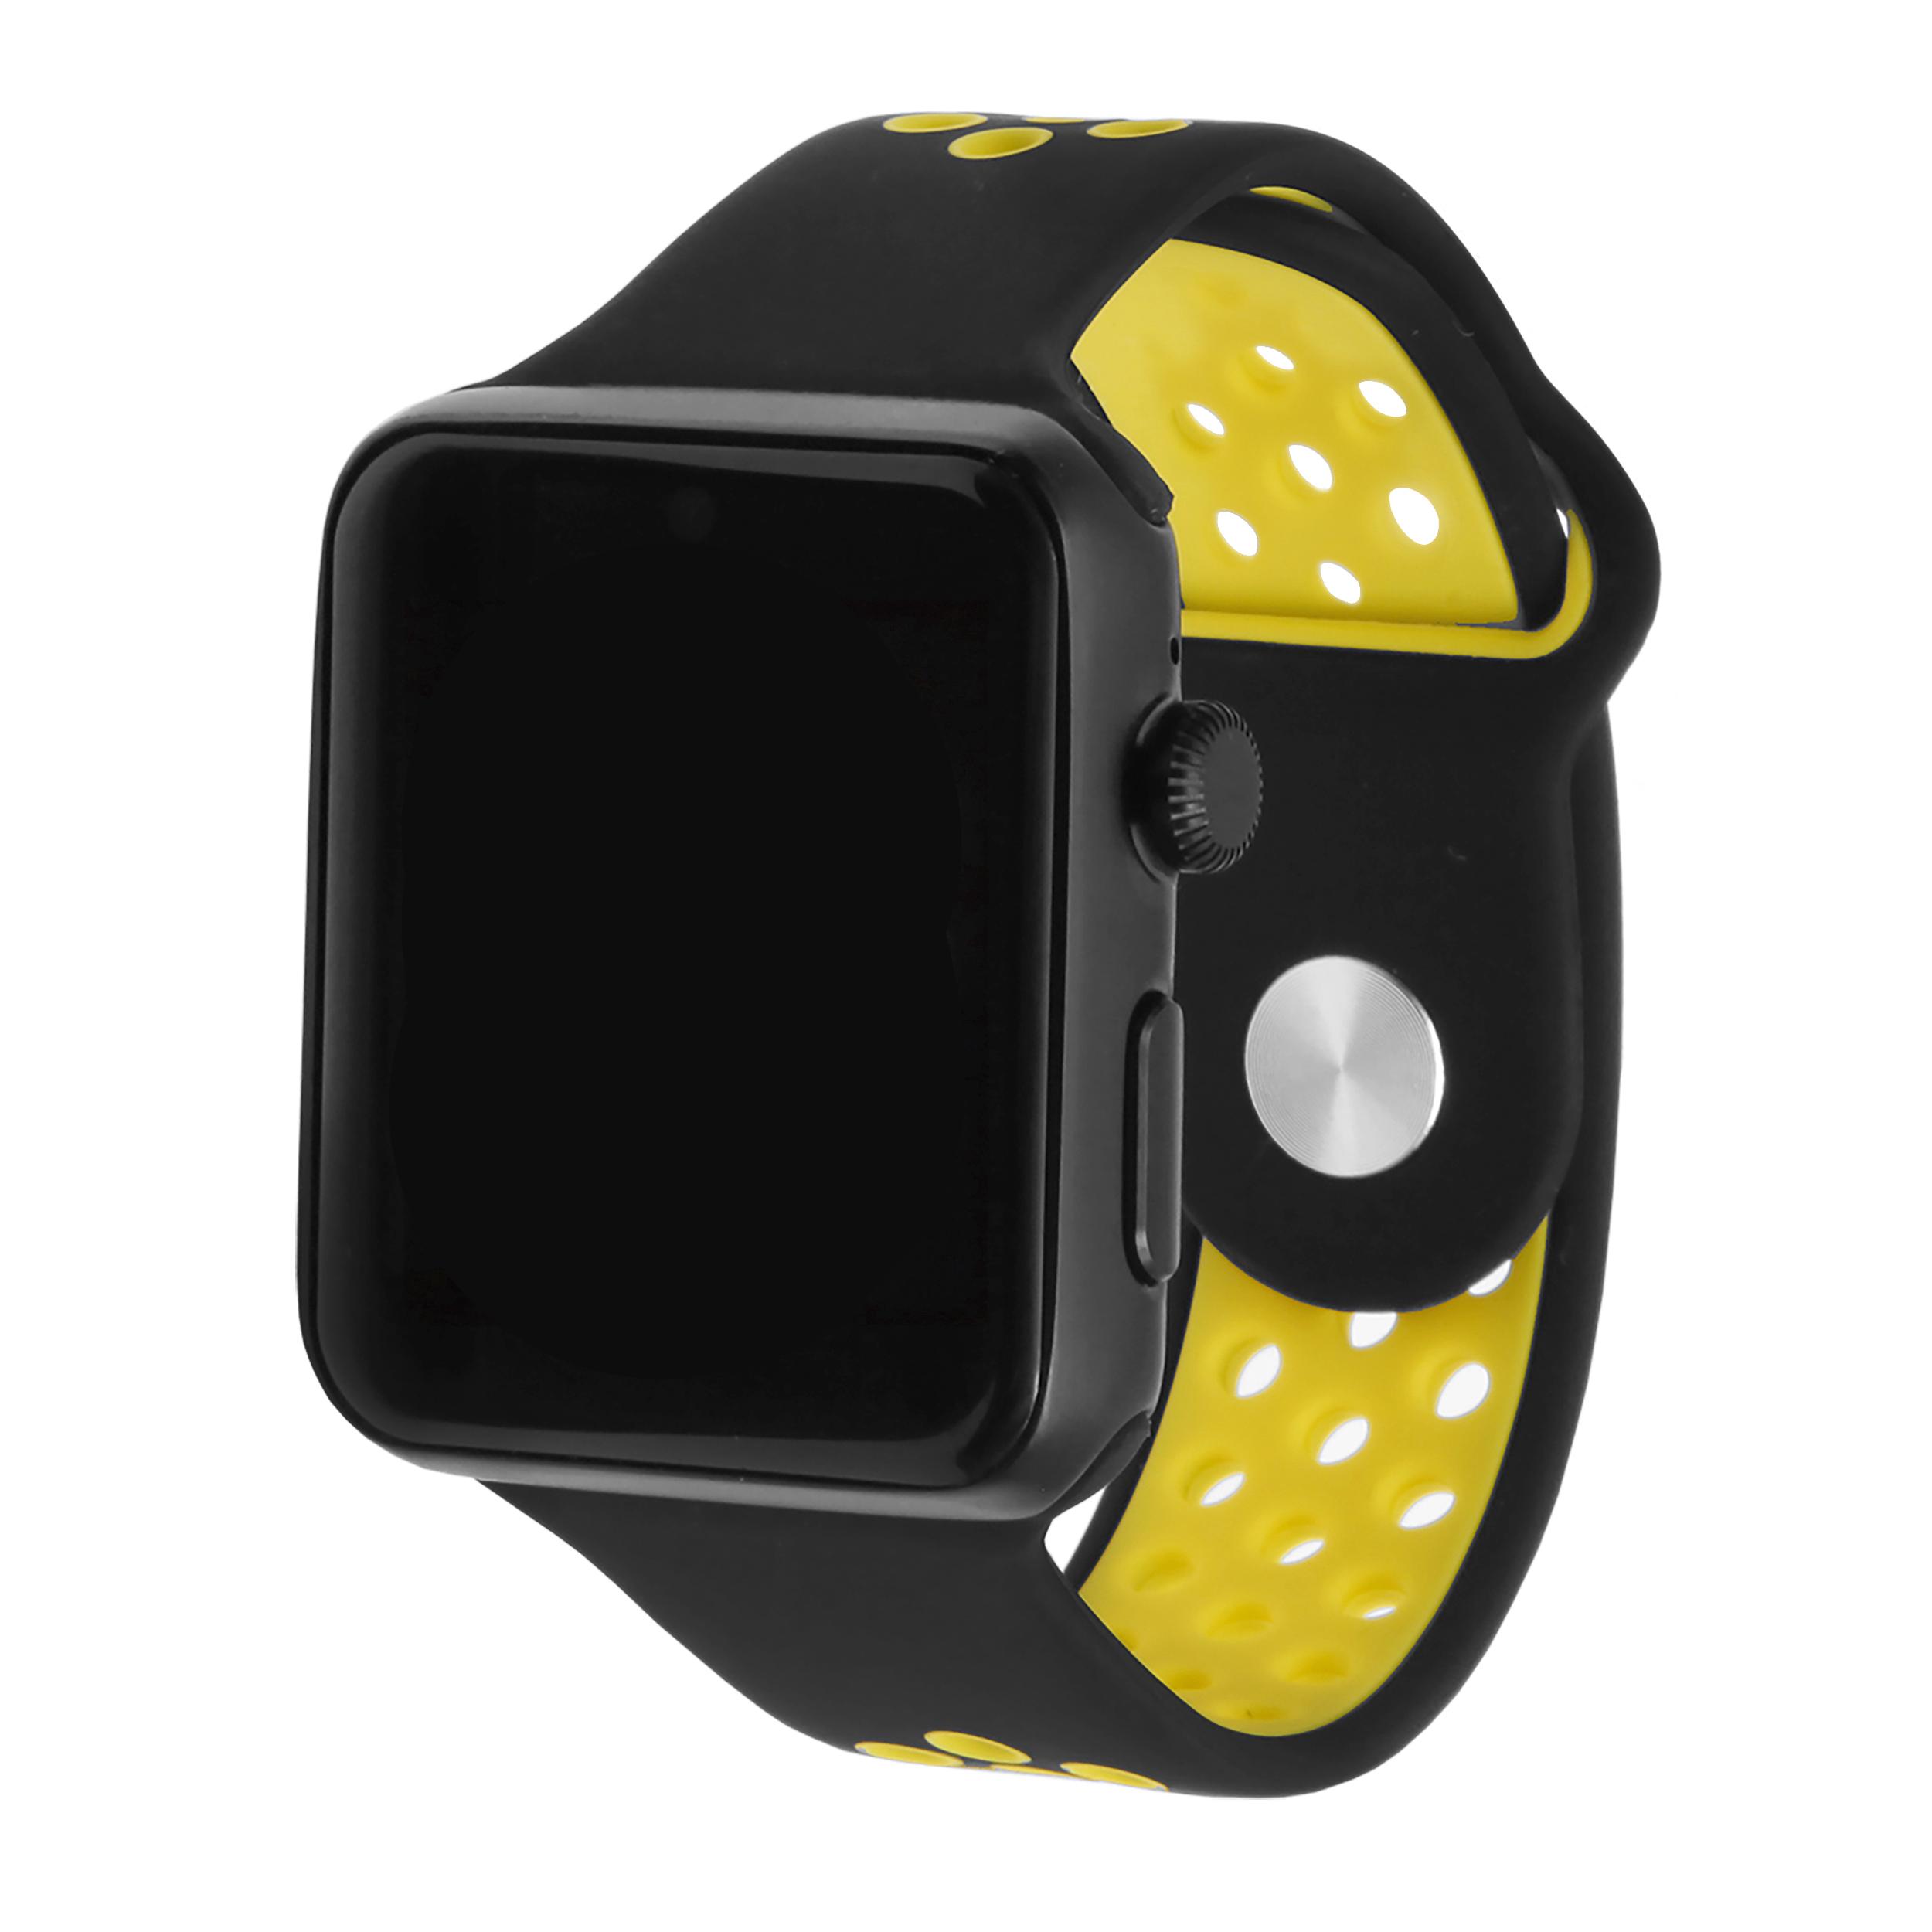 ساعت هوشمند ایتاپ مدل ET-SW10